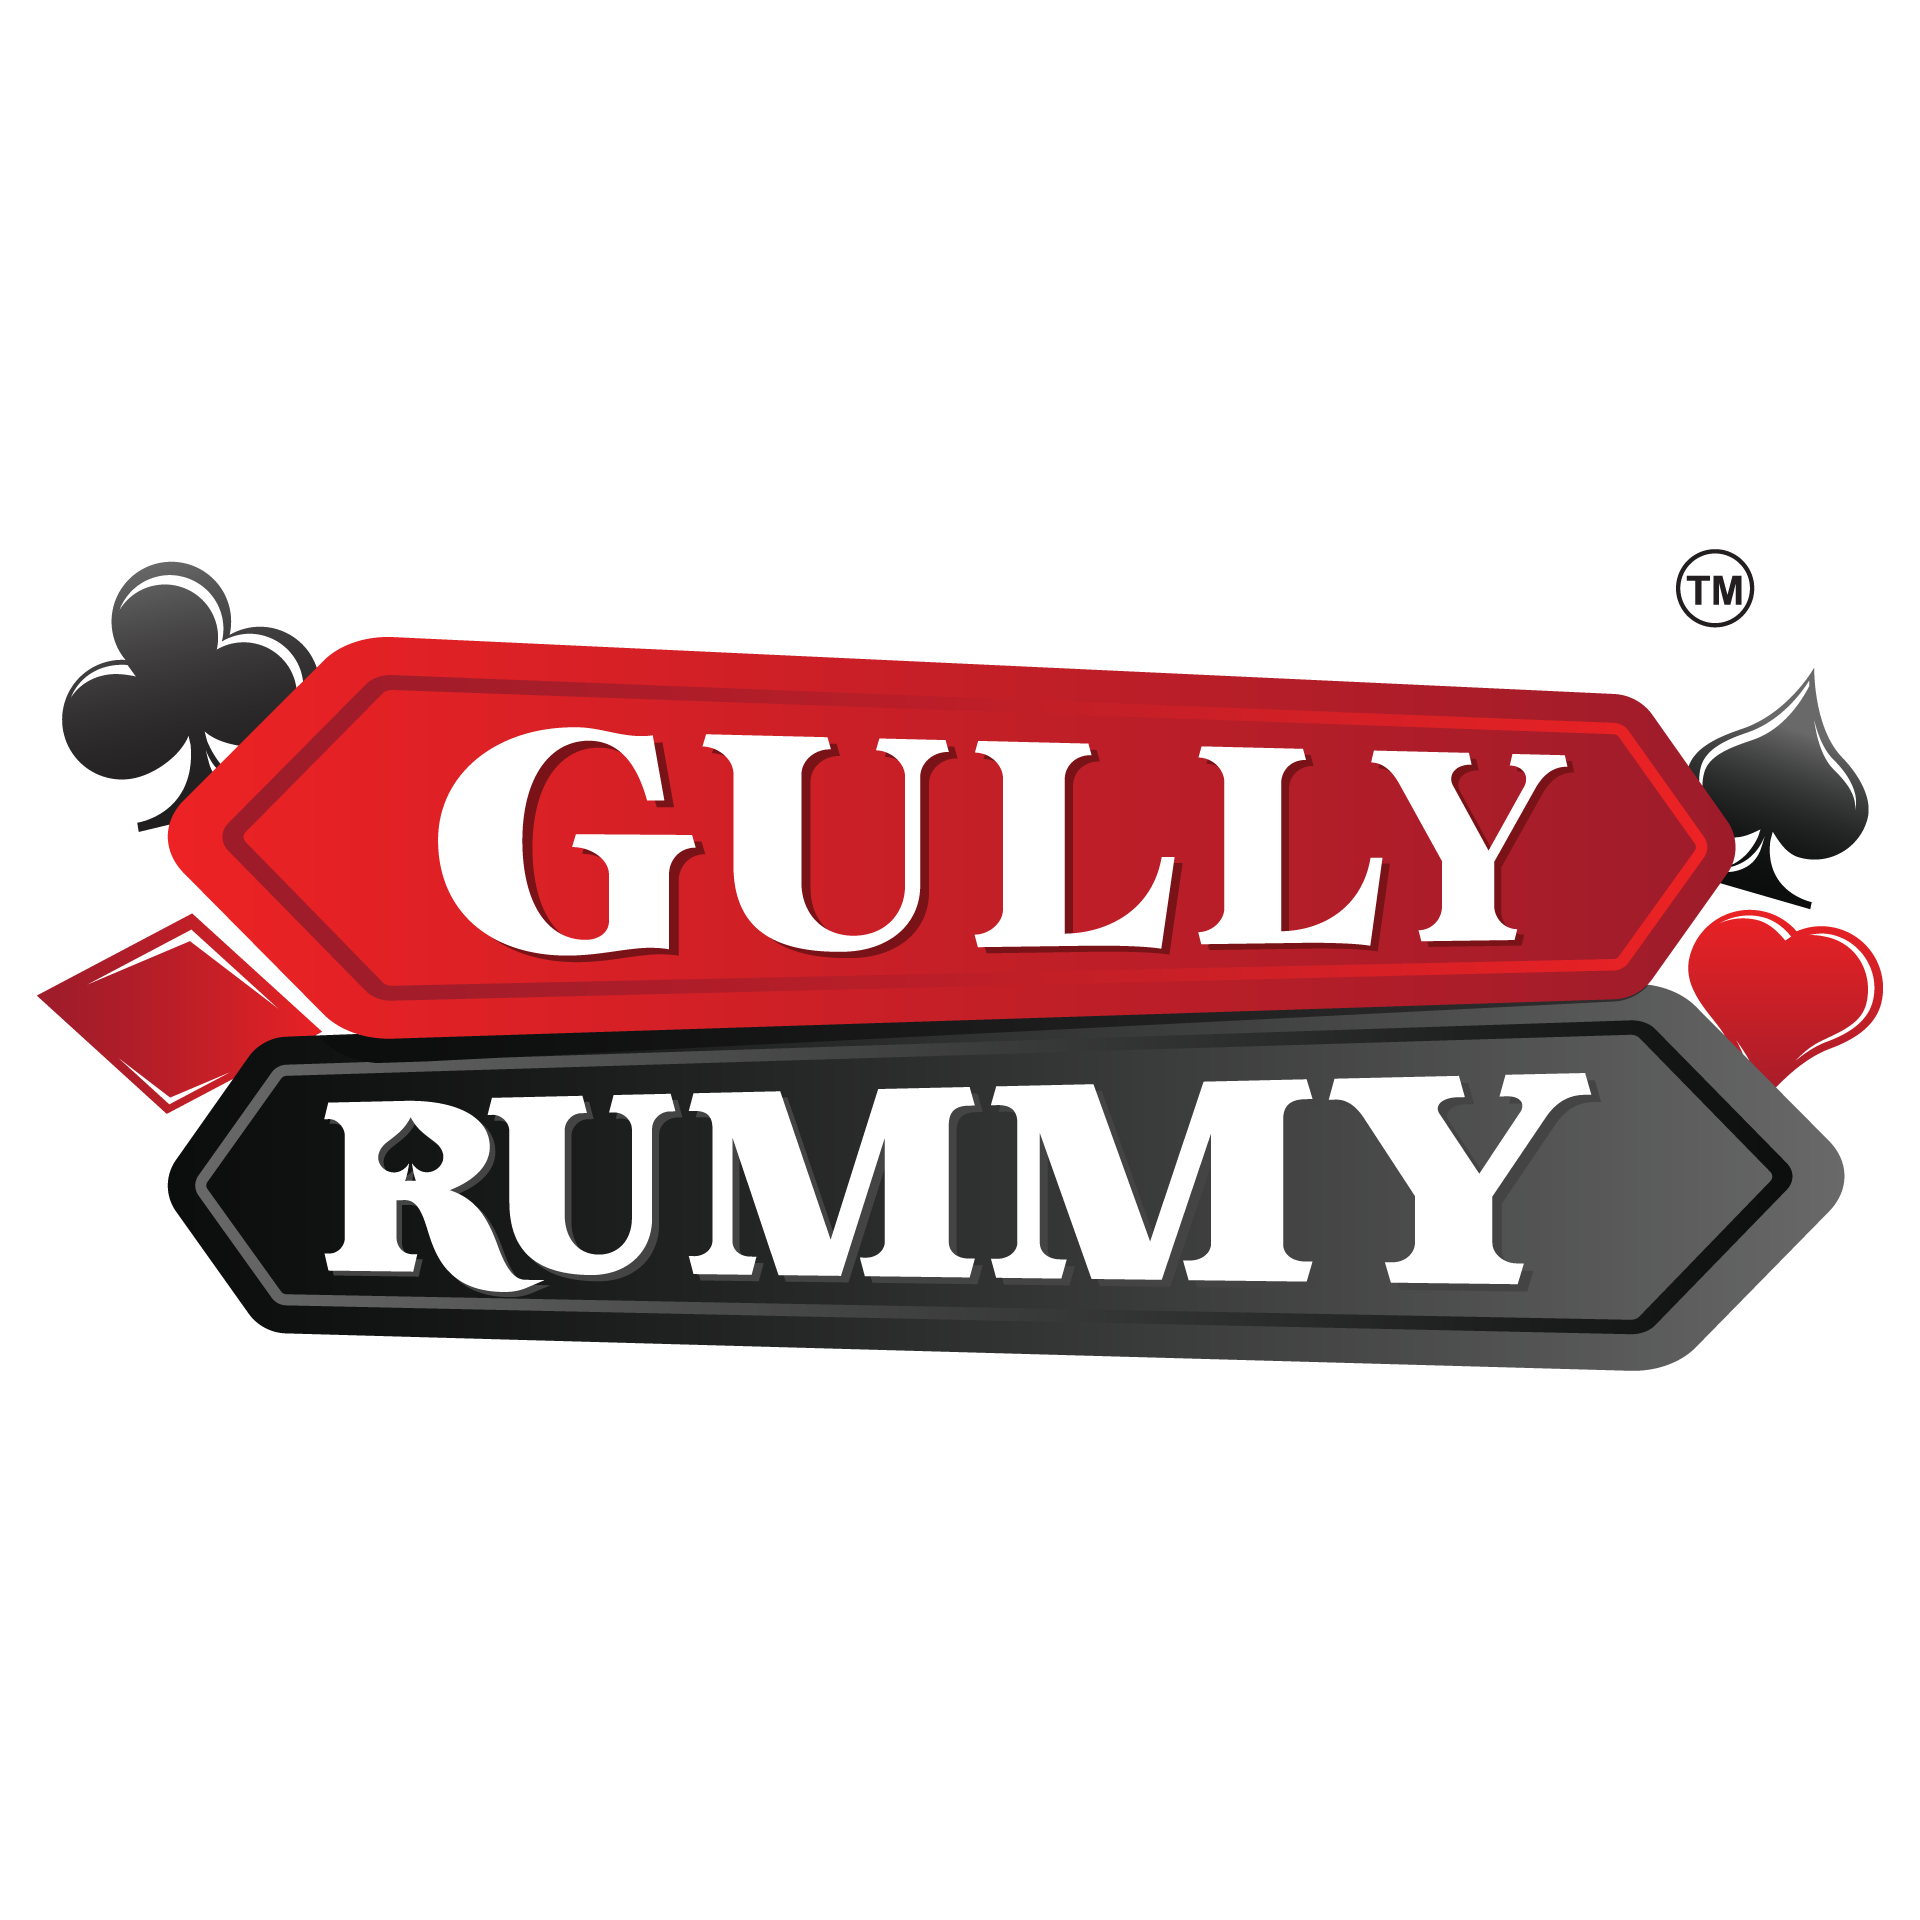 Gully Rummy